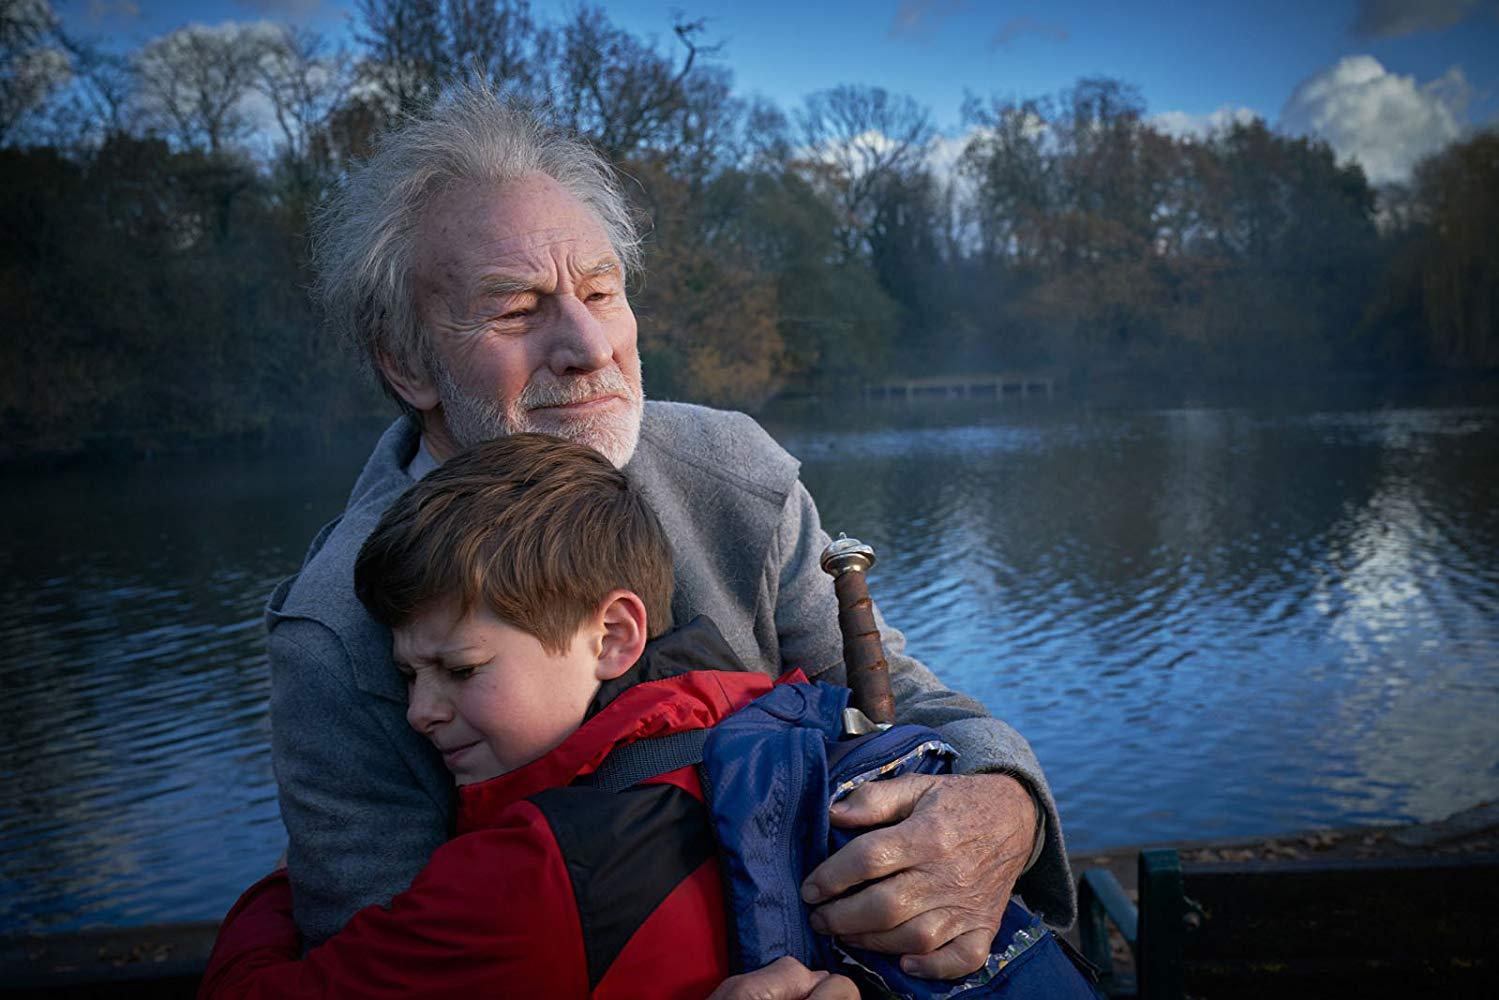 Il Ragazzo che diventerà Re: Patrick Stewart e  Louis Ashbourne Serkis in una scena del film